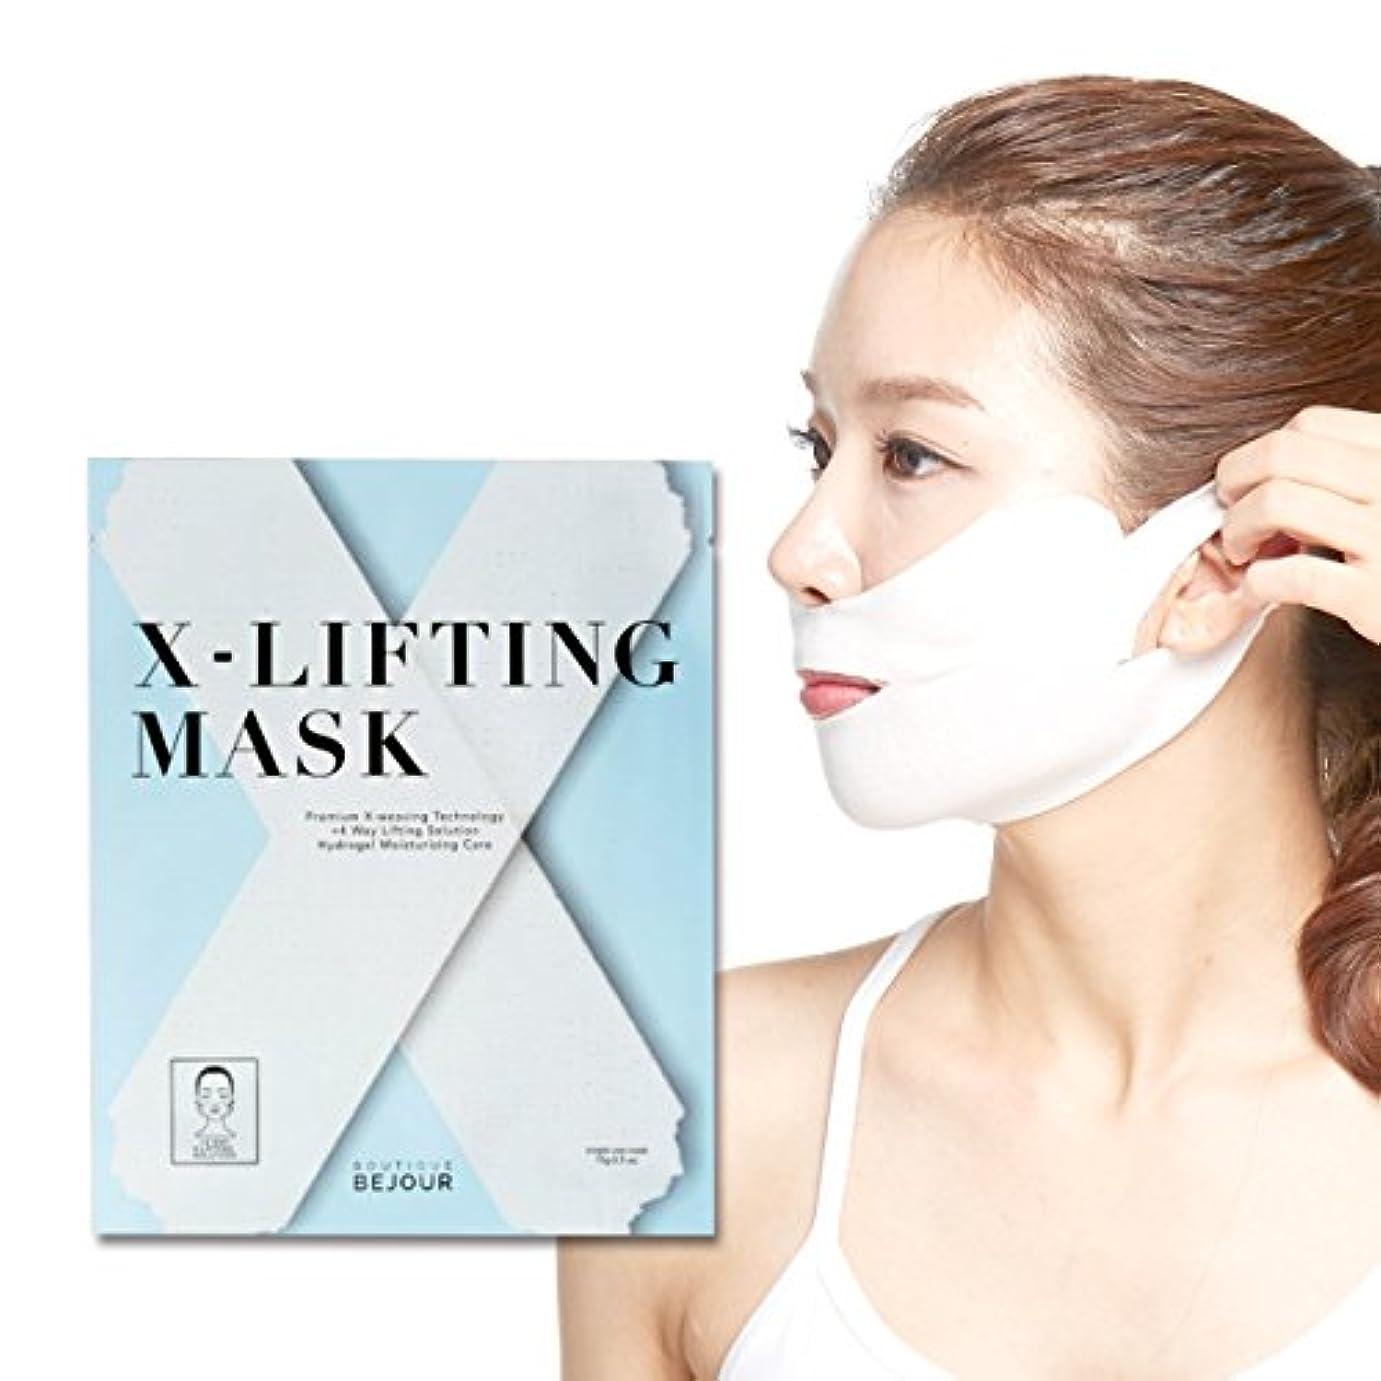 チョコレートマージ文句を言う< ビジュール > X-Lifting (エックスリフティング) マスク [ リフトアップ フェイスマスク フェイスシート フェイスパック フェイシャルマスク シートマスク フェイシャルシート フェイシャルパック ローションマスク...